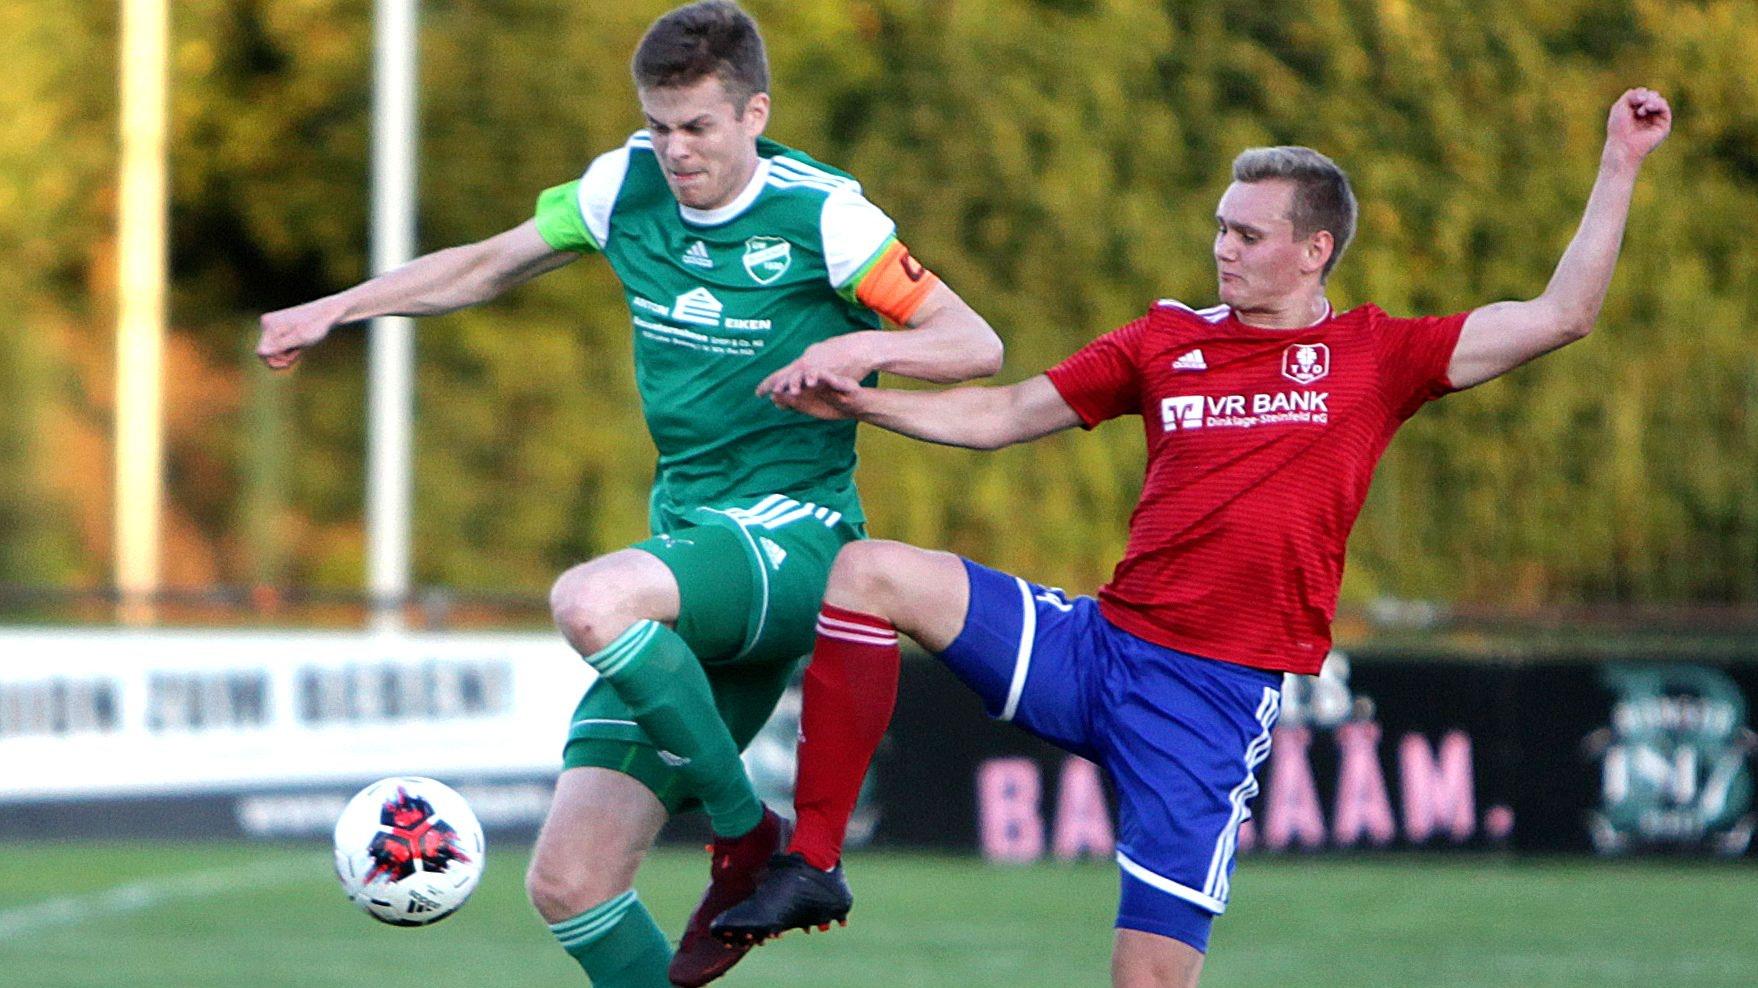 Der Linke kommt, der Rechte geht: Bastian Dödtmann im Pokalduell mit Brockdorf gegen Dinklages Aljoscha Wilms. Foto: Schikora